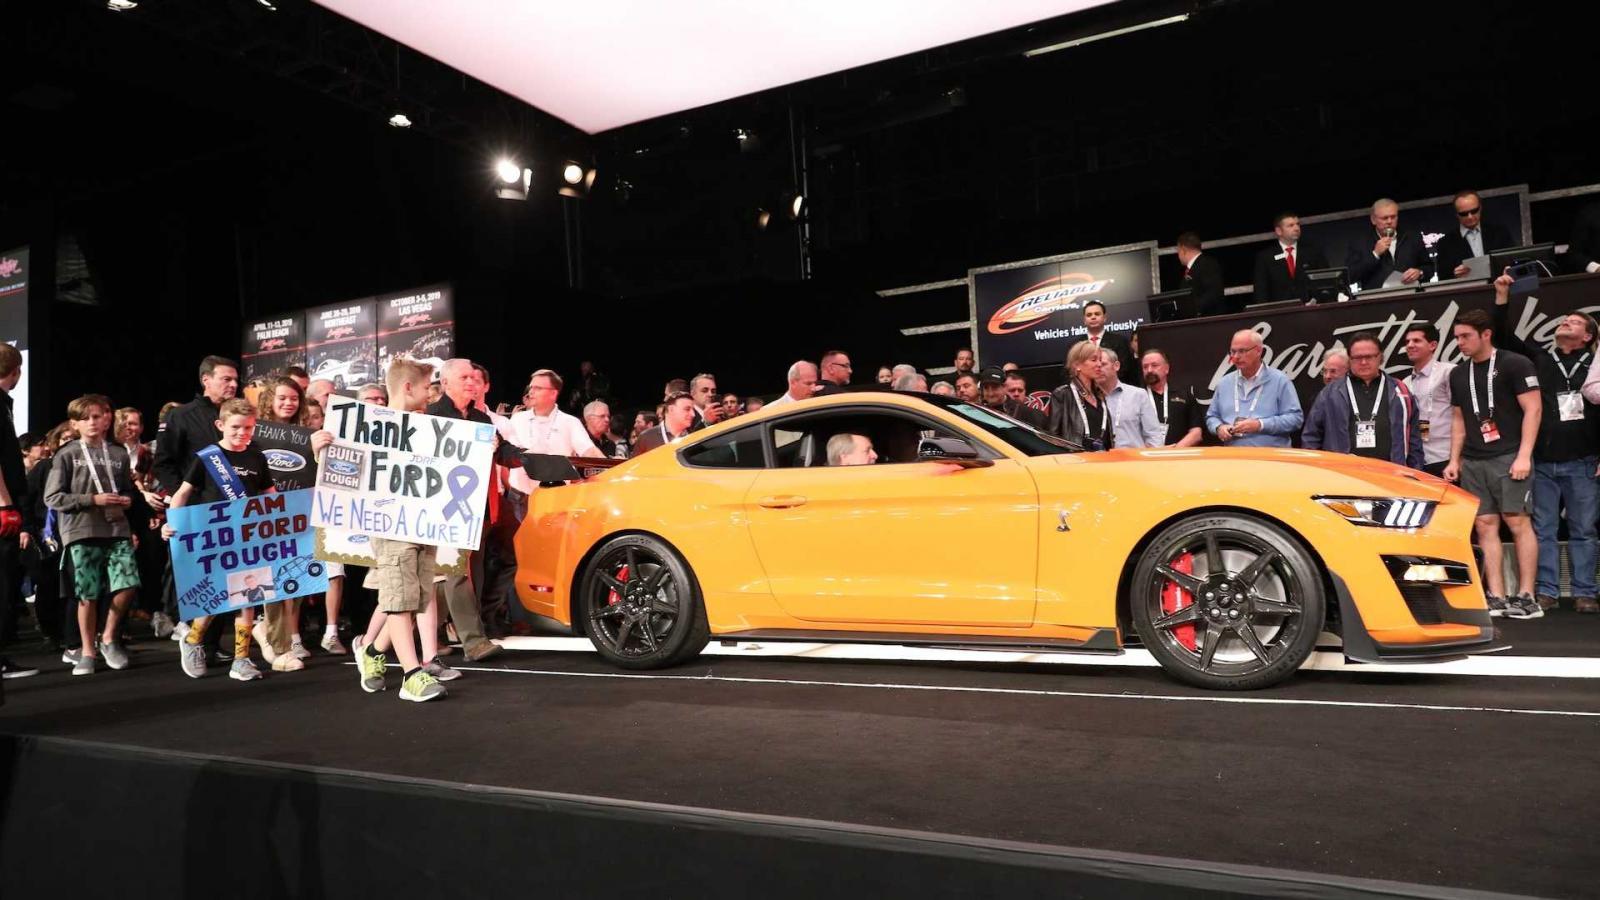 Hổ mang chúa Ford Mustang Shelby GT500 2020 đầu tiên được sản xuất có mức giá 25,5 tỷ đồng - Hình 2